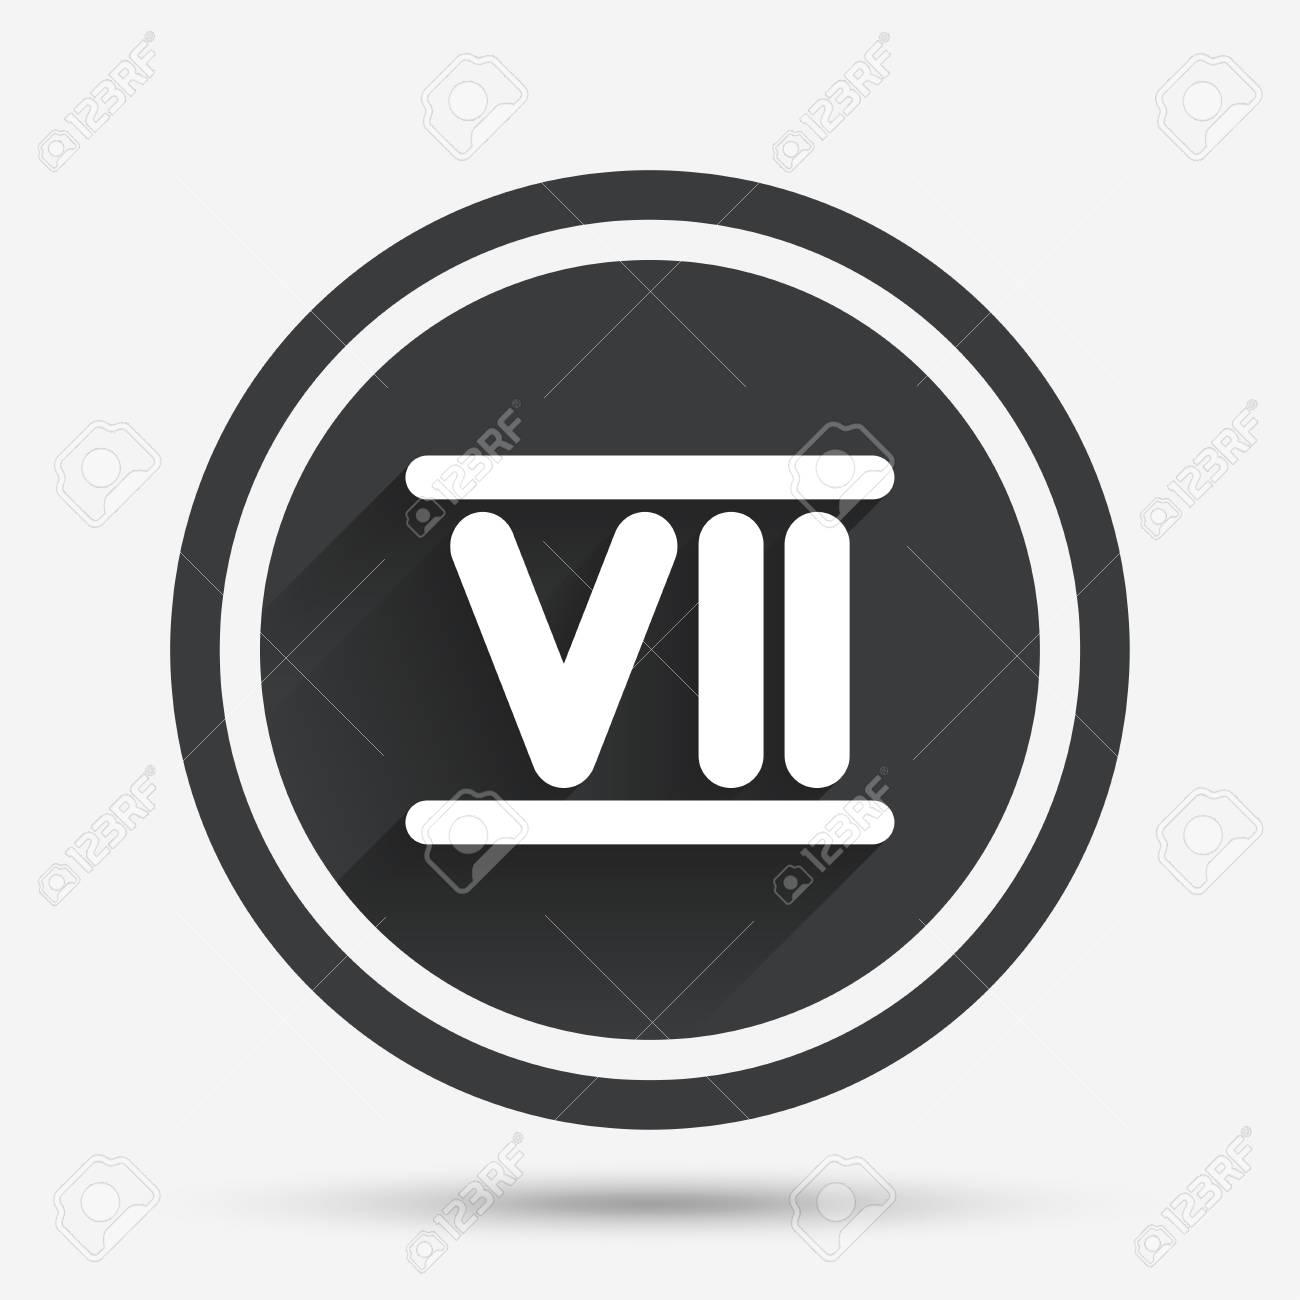 Número Romano Icono De Siete Signo Número Romano De Siete Símbolos